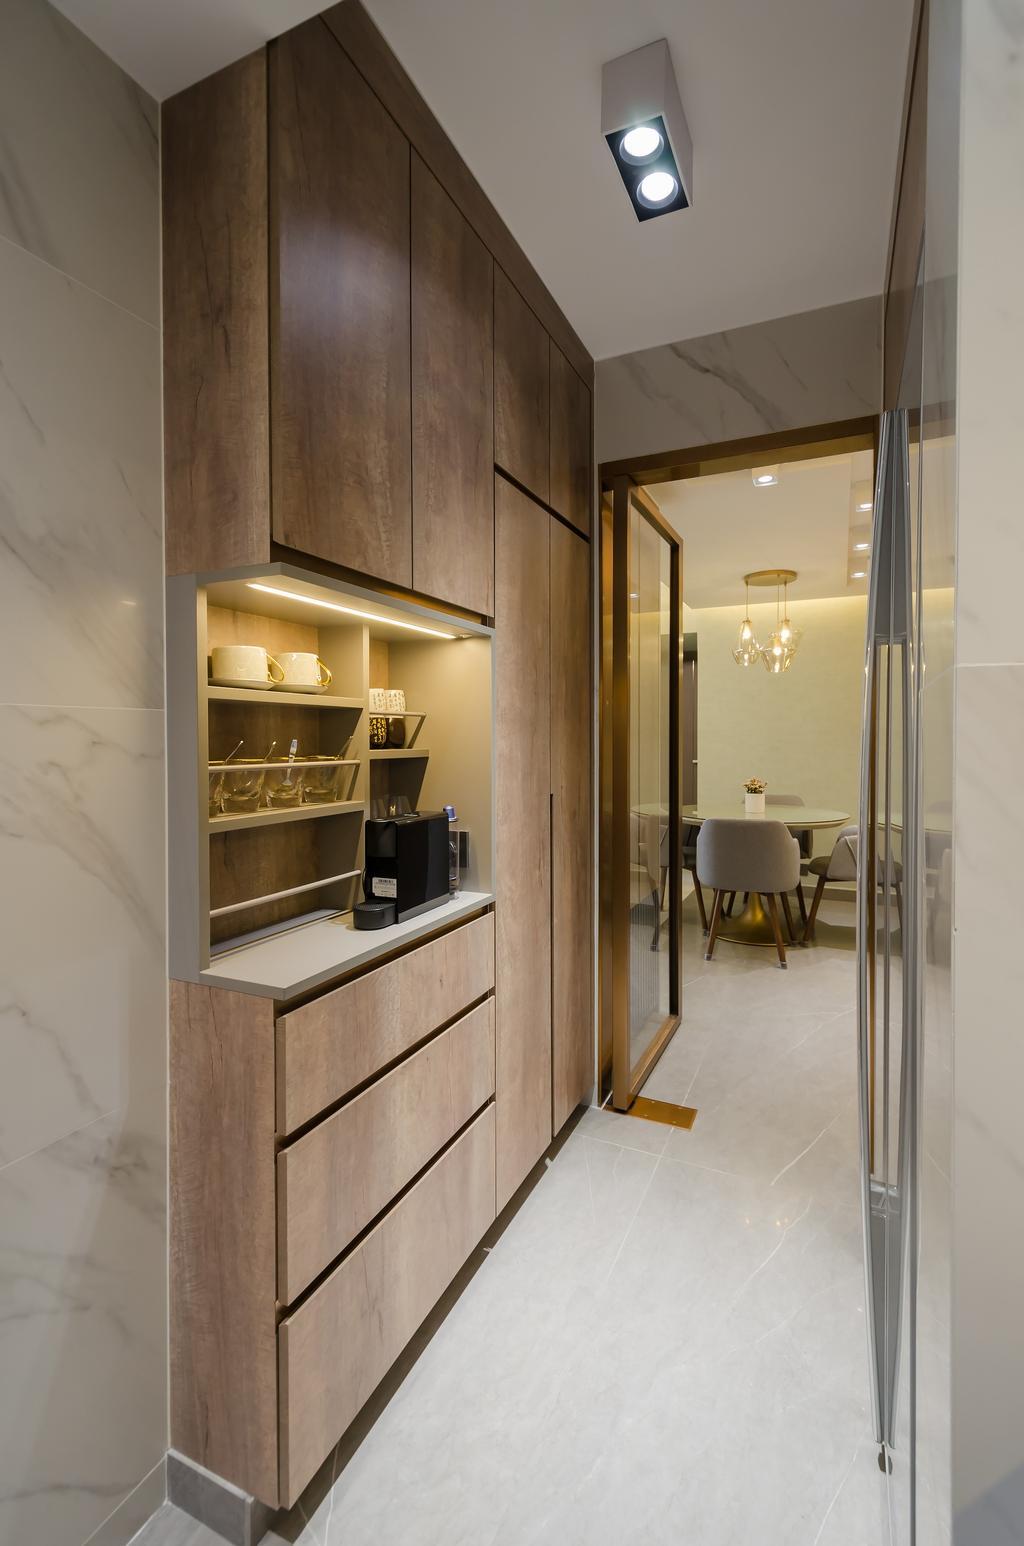 簡約, 私家樓, 廚房, 將軍澳煜明苑, 室內設計師, Epic, 摩登